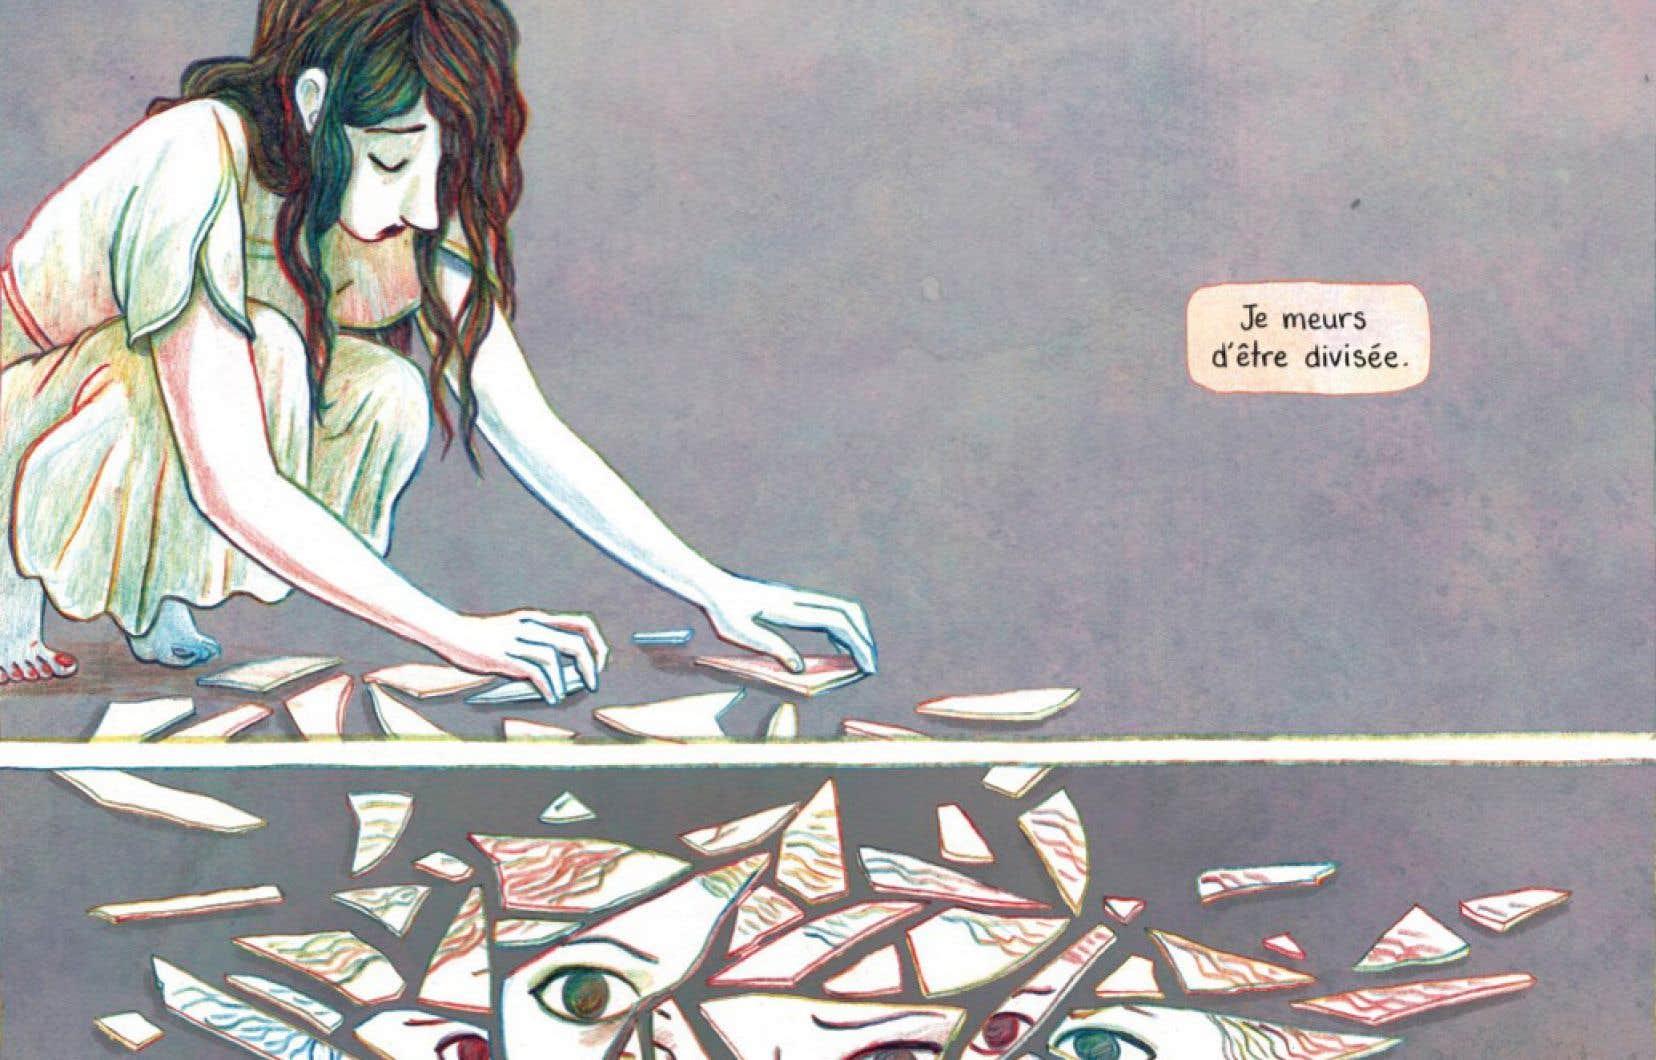 Avec «Anaïs Nin. Sur la mer des mensonges», la bédéiste Léonie Bischoff nous offre un lever de voile sur la vie, réelle et un tantinet (c'est un euphémisme) romancée, de l'écrivaine francoaméricanocubaine en s'intéressant particulièrement à la portion consacrée au début des années 1930 de son «Journal de l'amour», bien évidemment dans sa version non censurée.